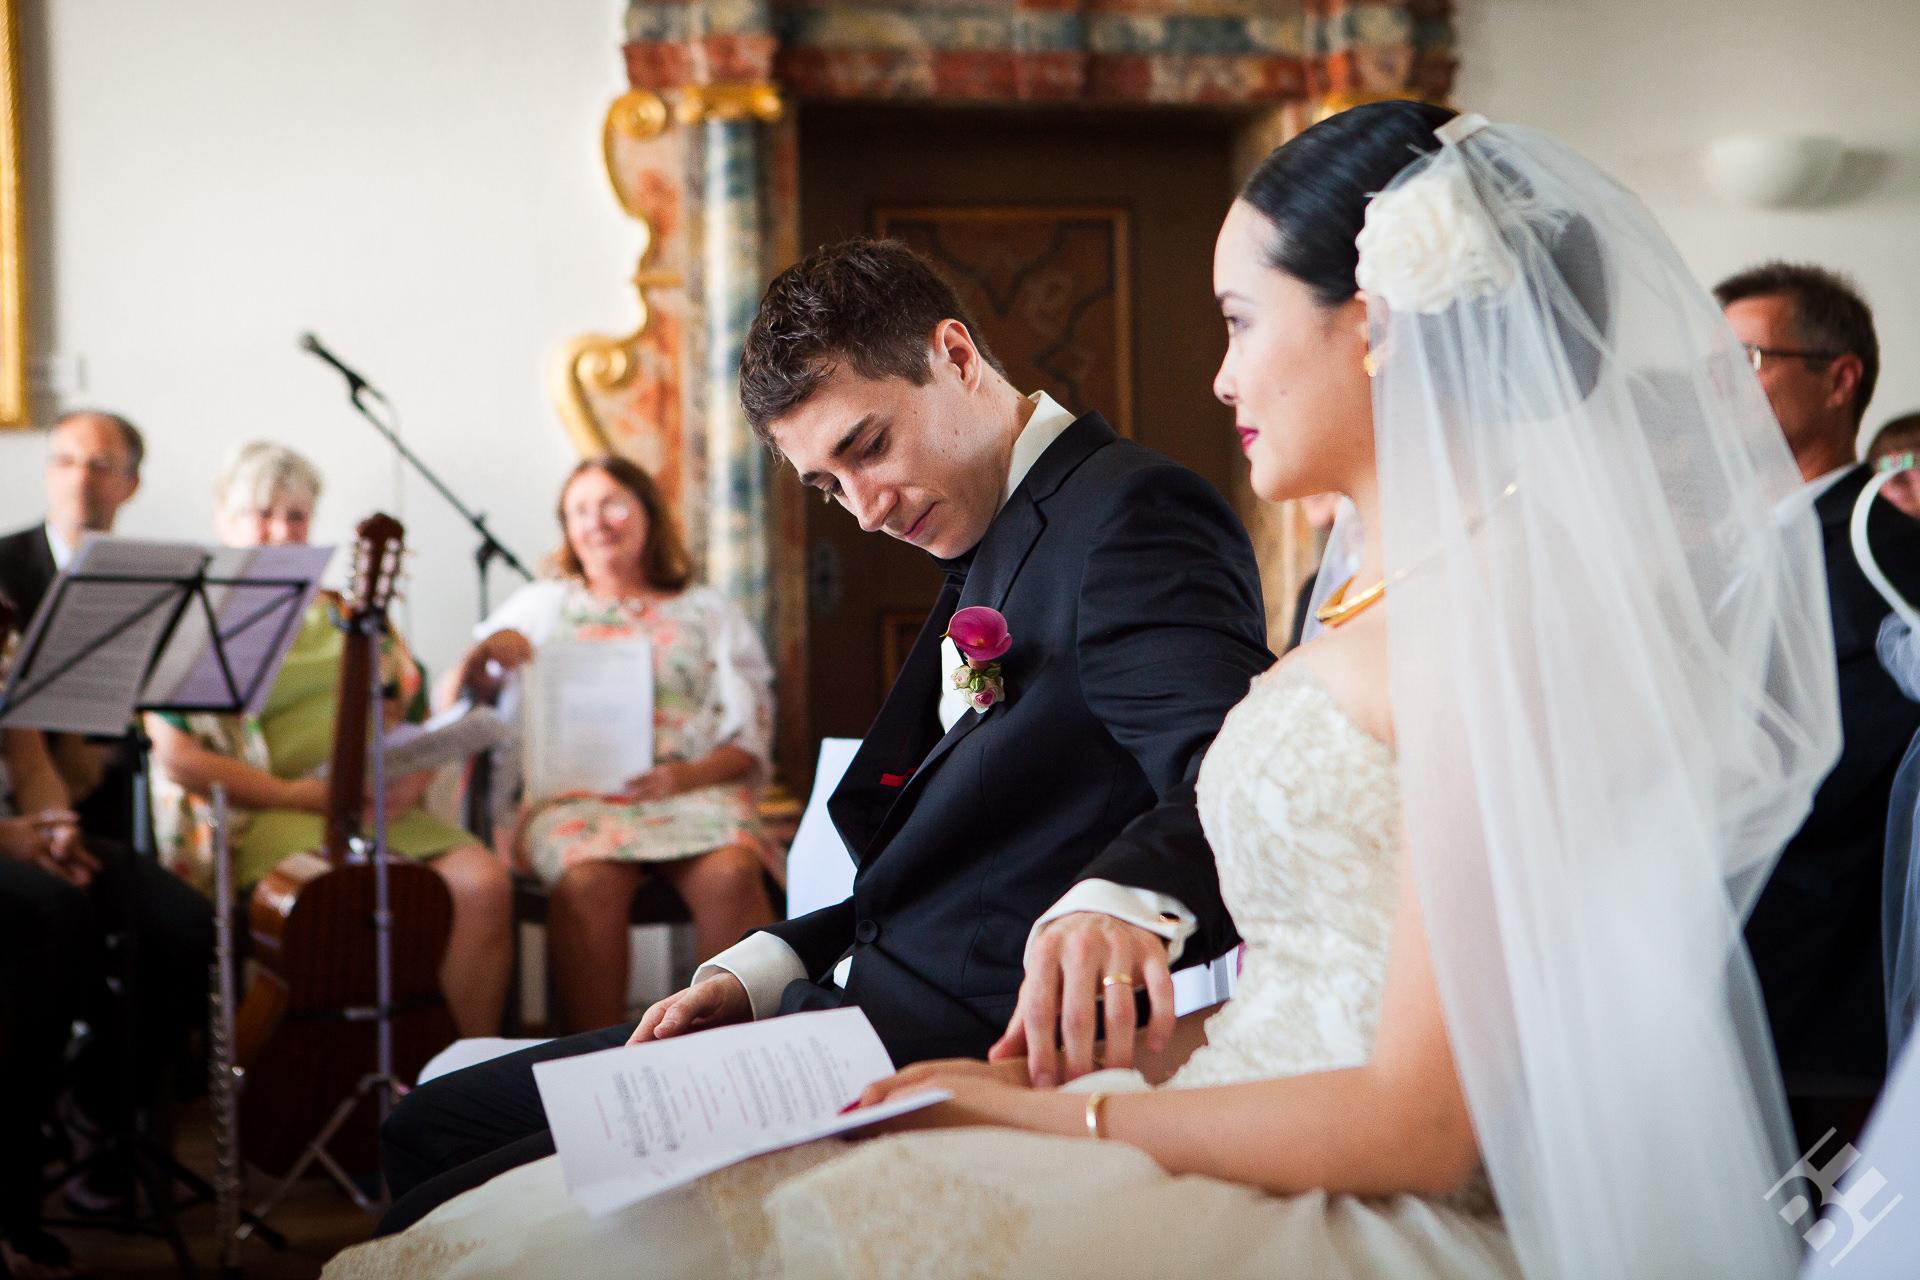 Hochzeit_31_IMG_9993_Volen_Evtimov